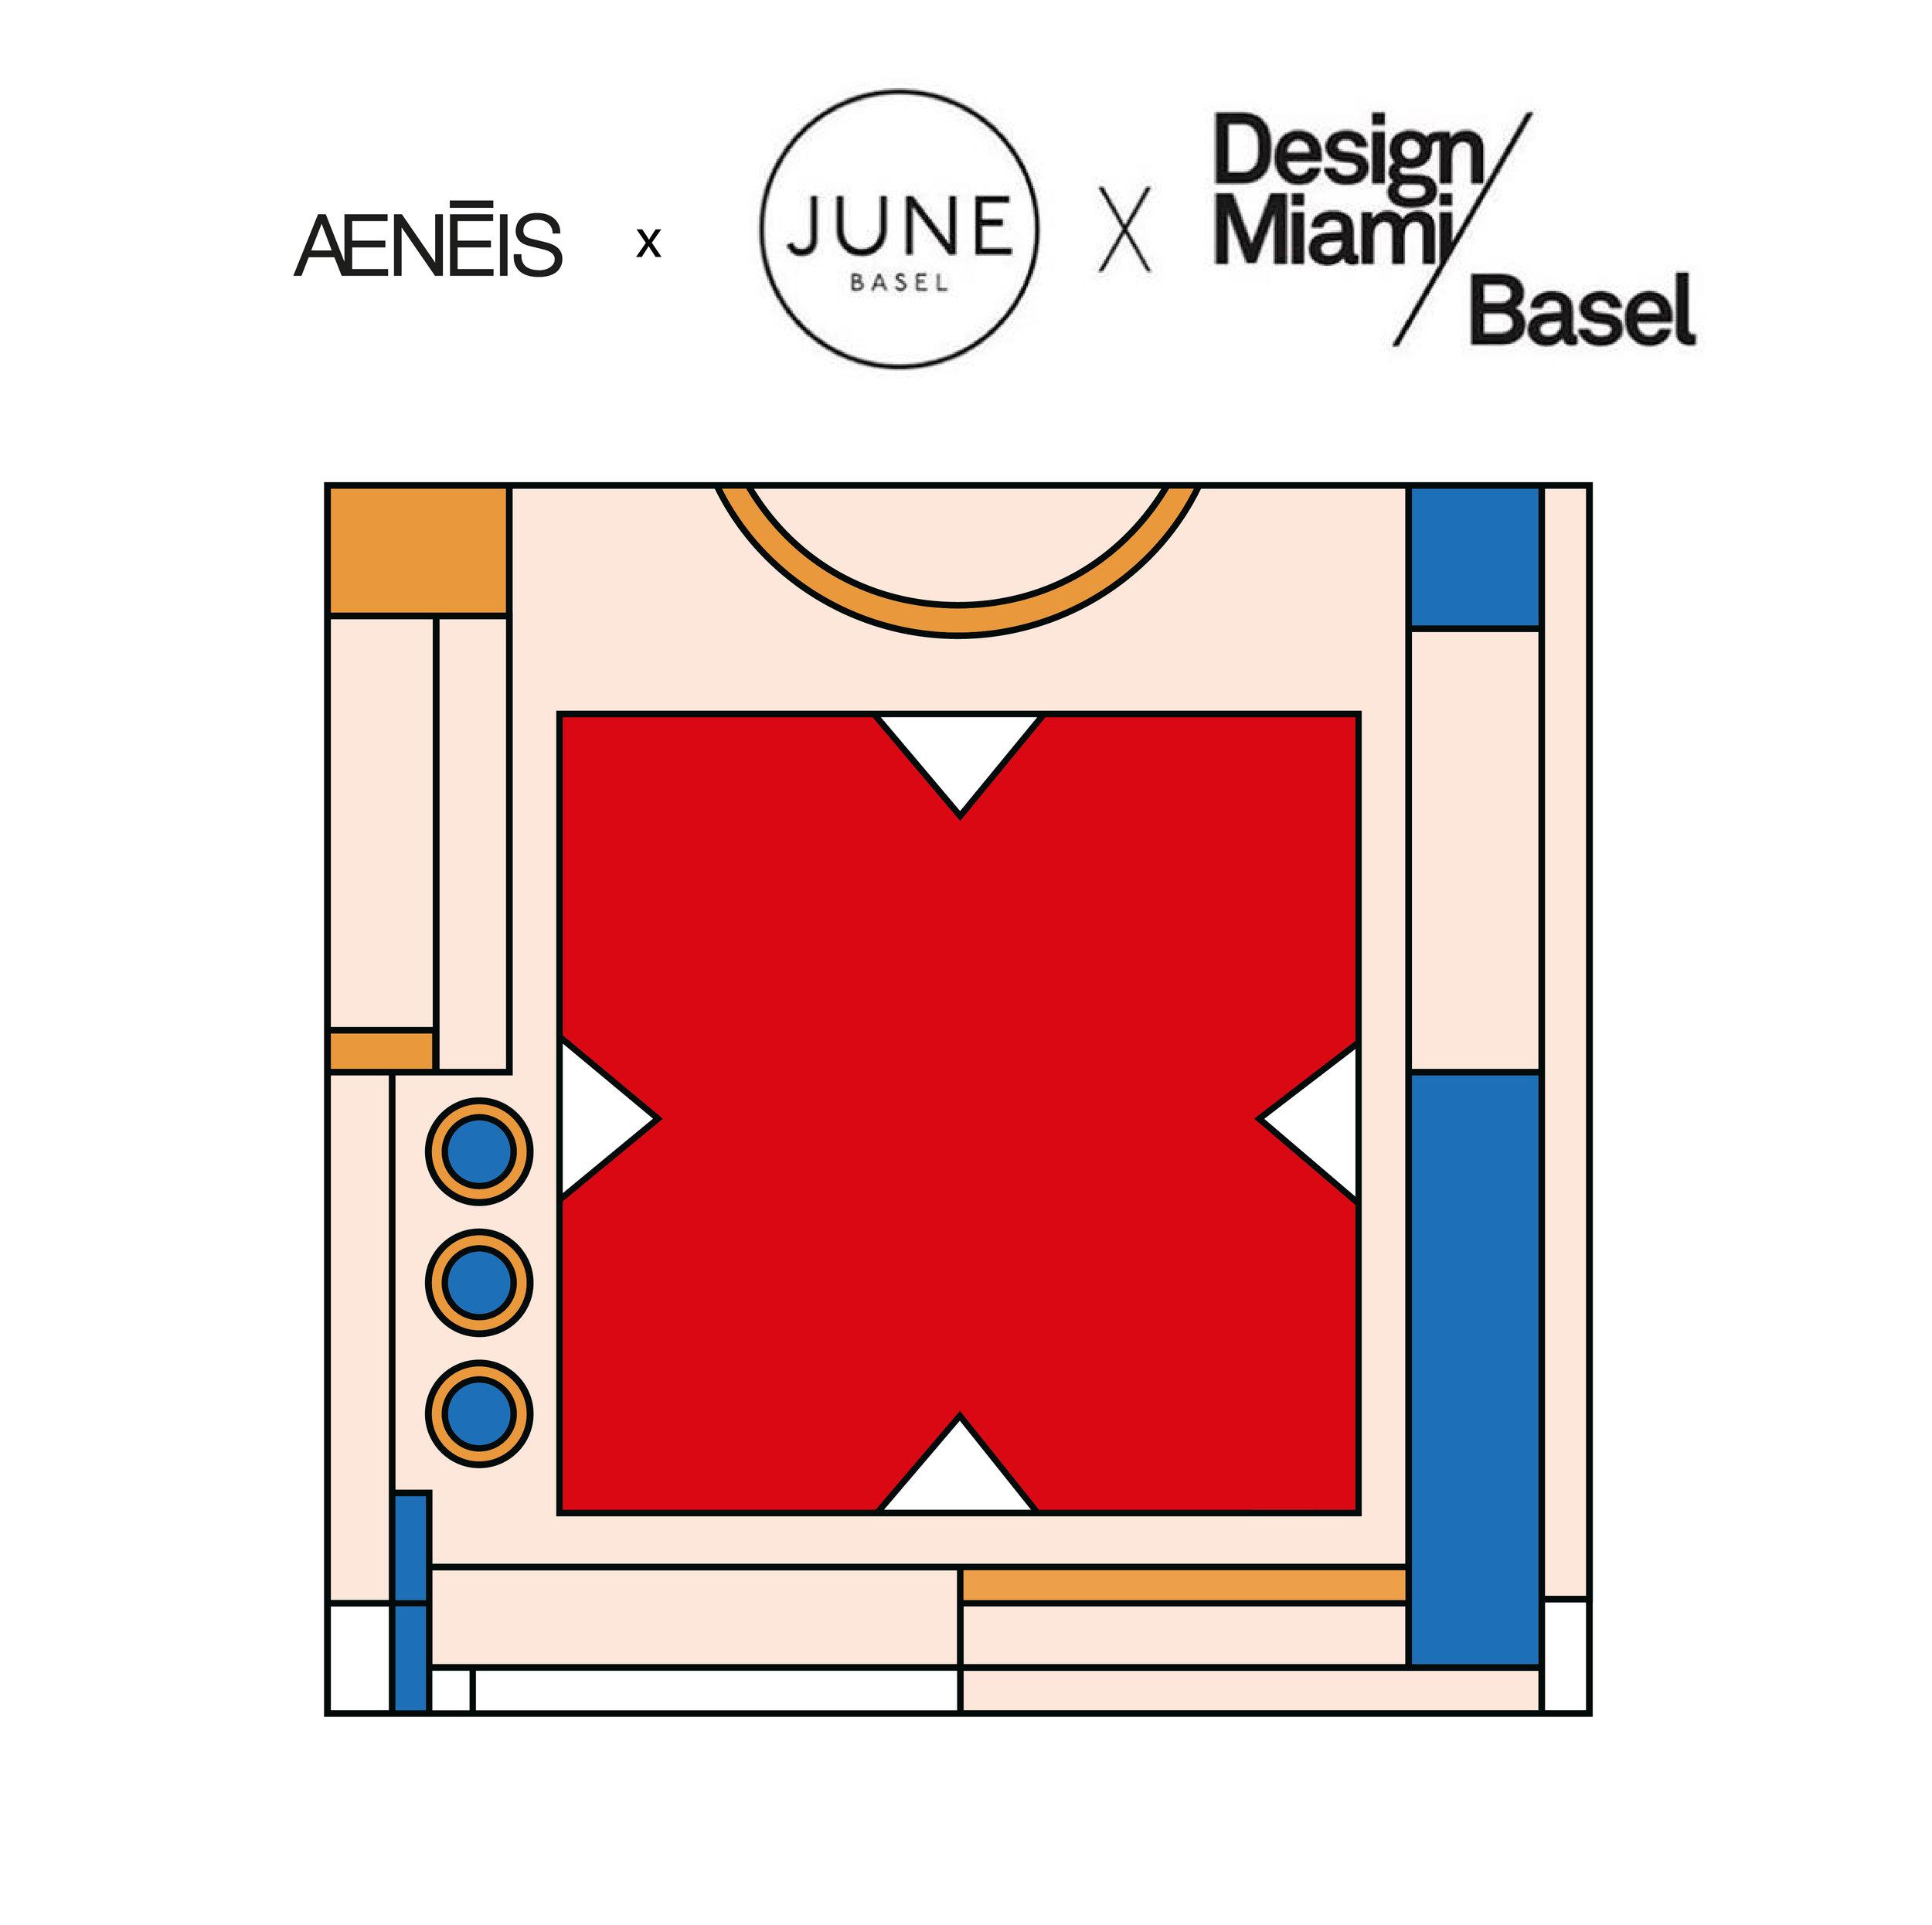 AENEIS X JUNE BASEL.jpg